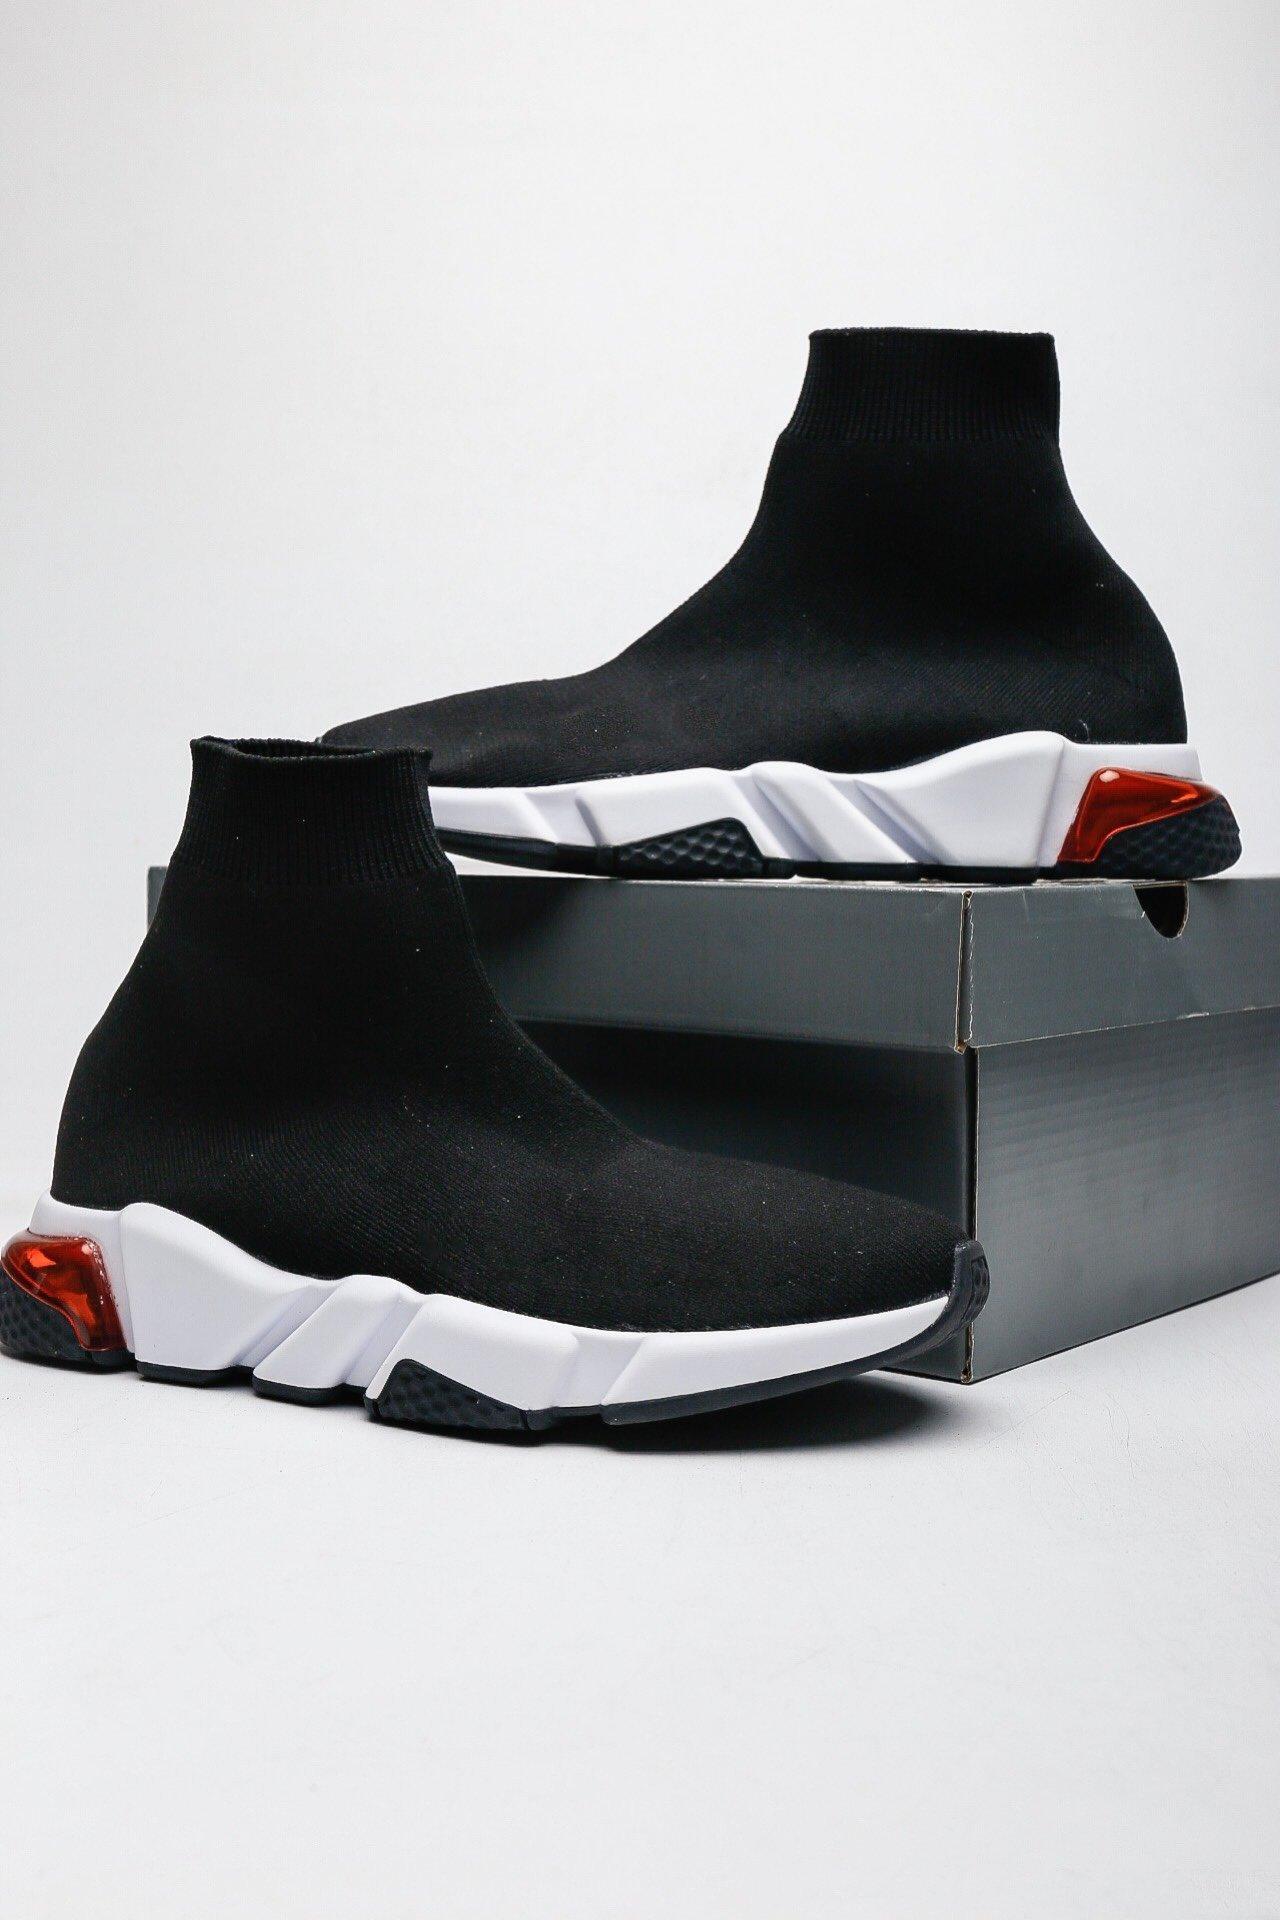 Com Caixa Original Parisiense Designer Sapatos Médio Homens e Mulheres High-Top Frete Shoe Tamanho 36-45